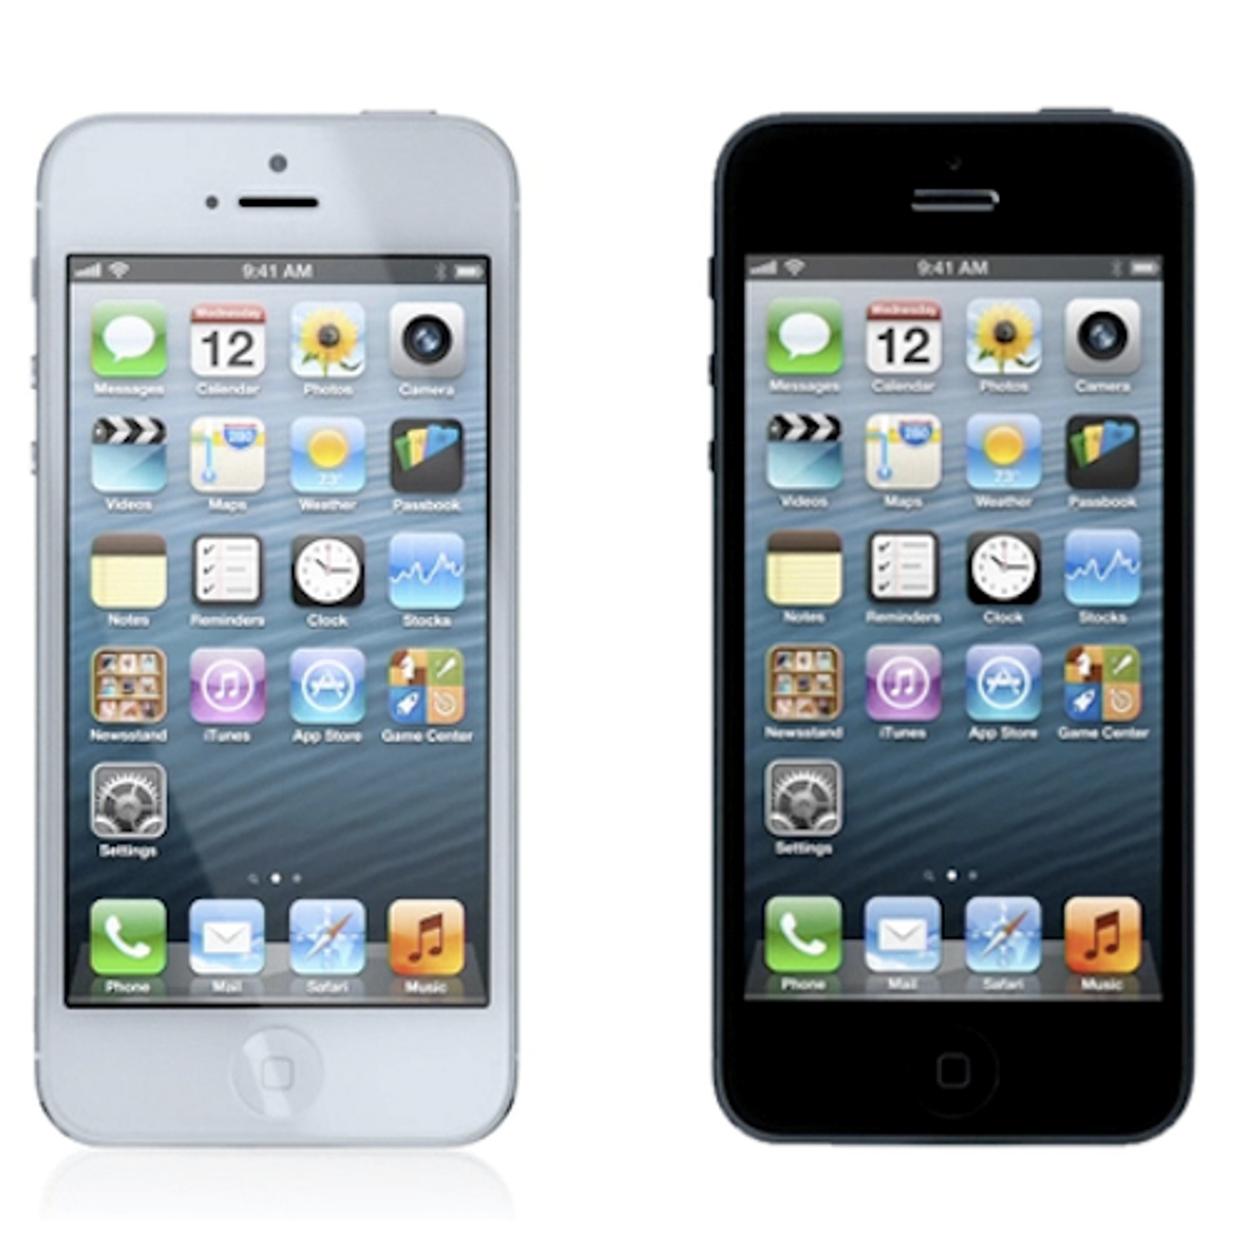 Berita Tanggal 1 September 2013 Berita Ane Iphone 5 Harga Pasar Di Indonesia